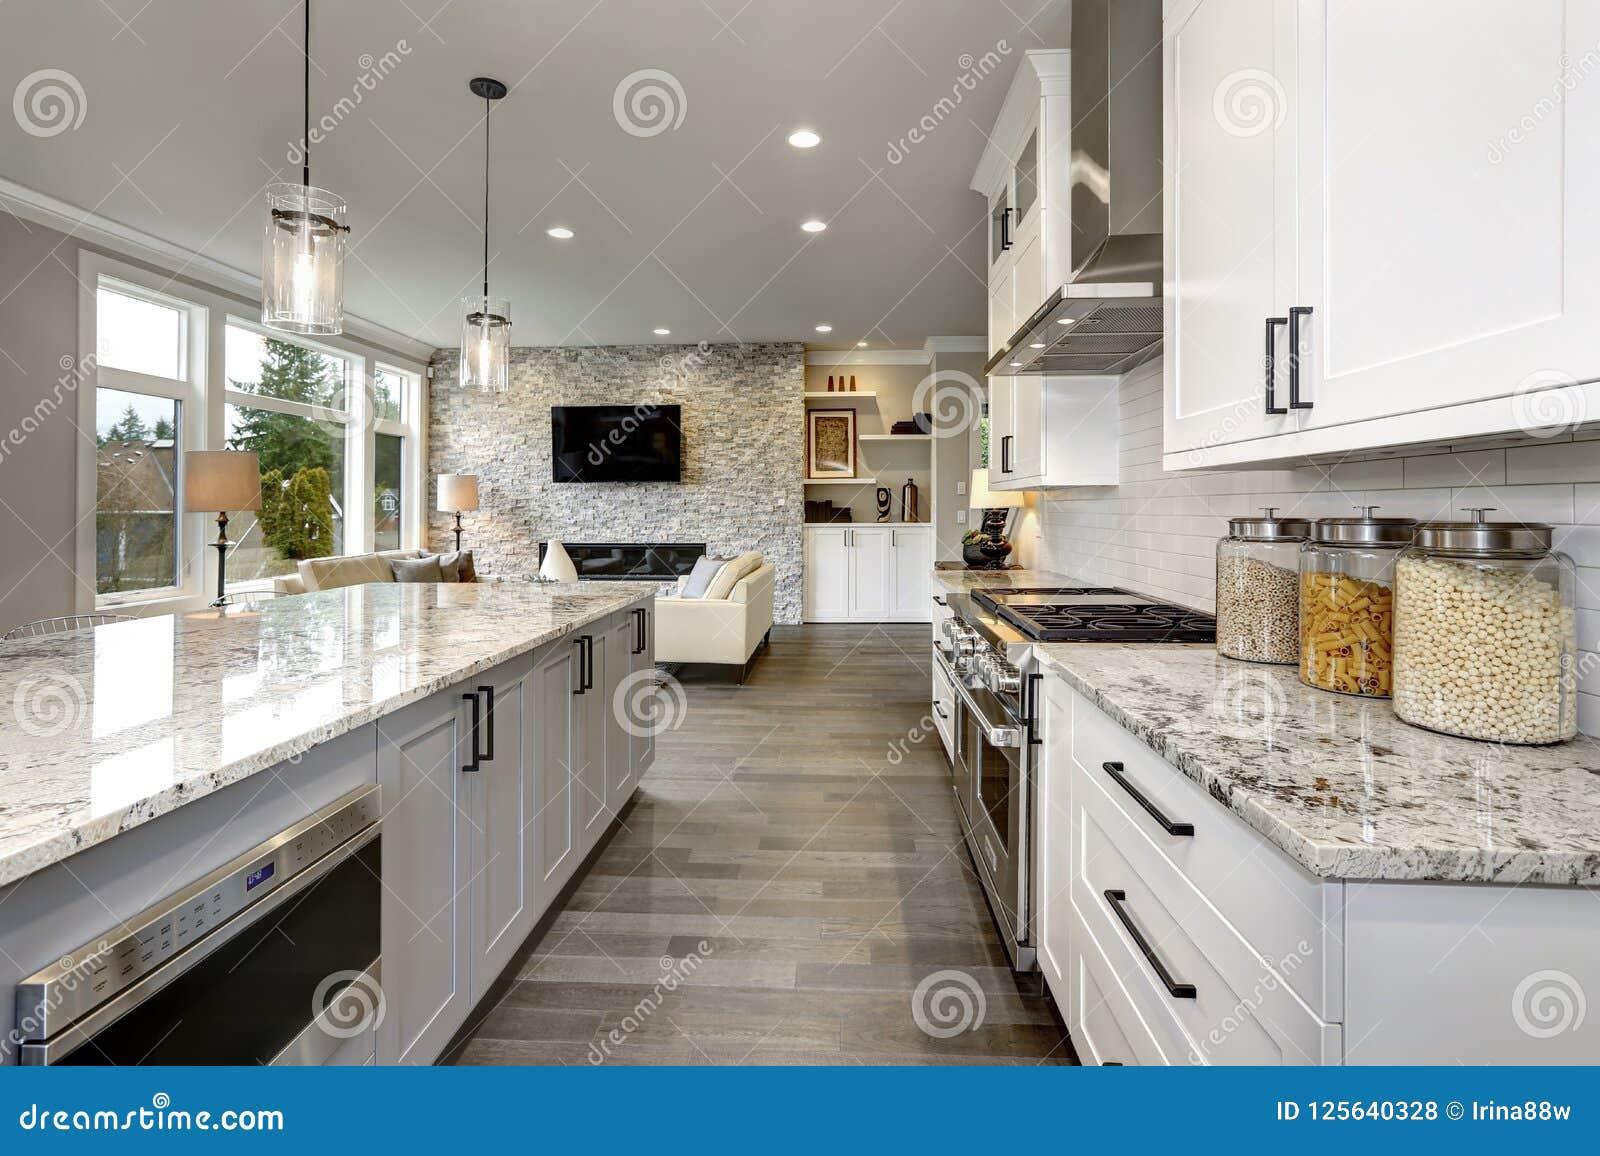 Cocina hermosa en interior moderno casero de lujo con las for Sillas para islas de cocina